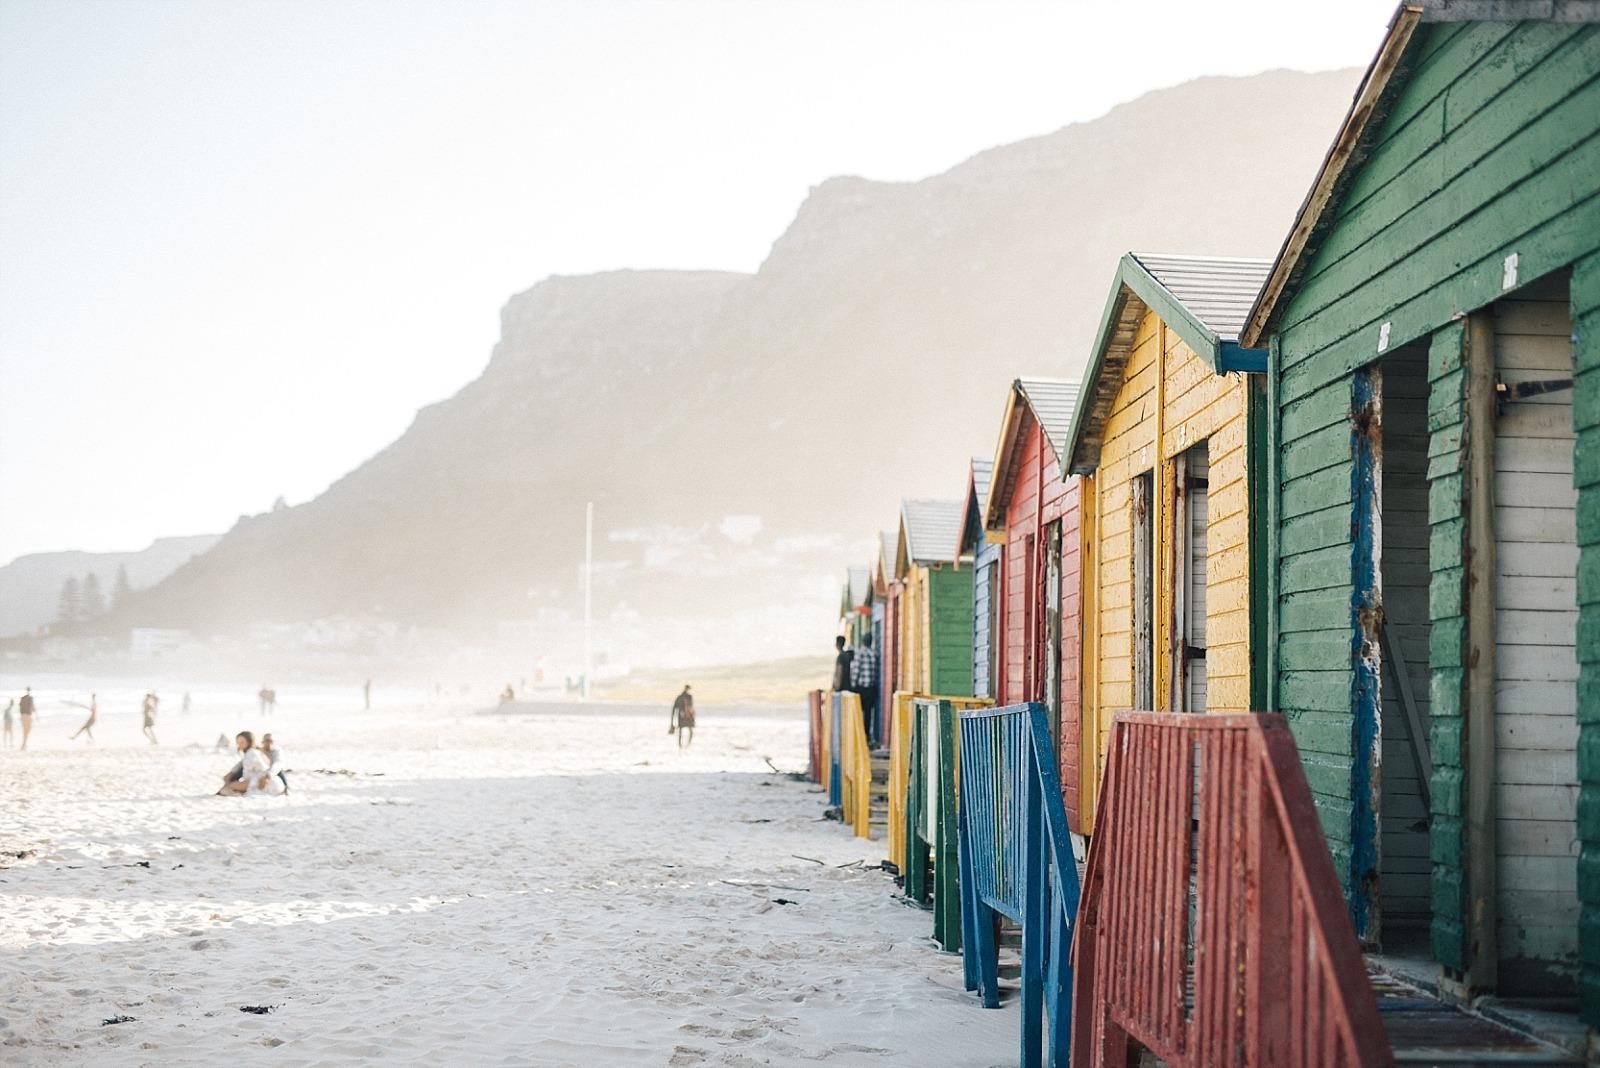 Cape town muizenberg afrique du sud